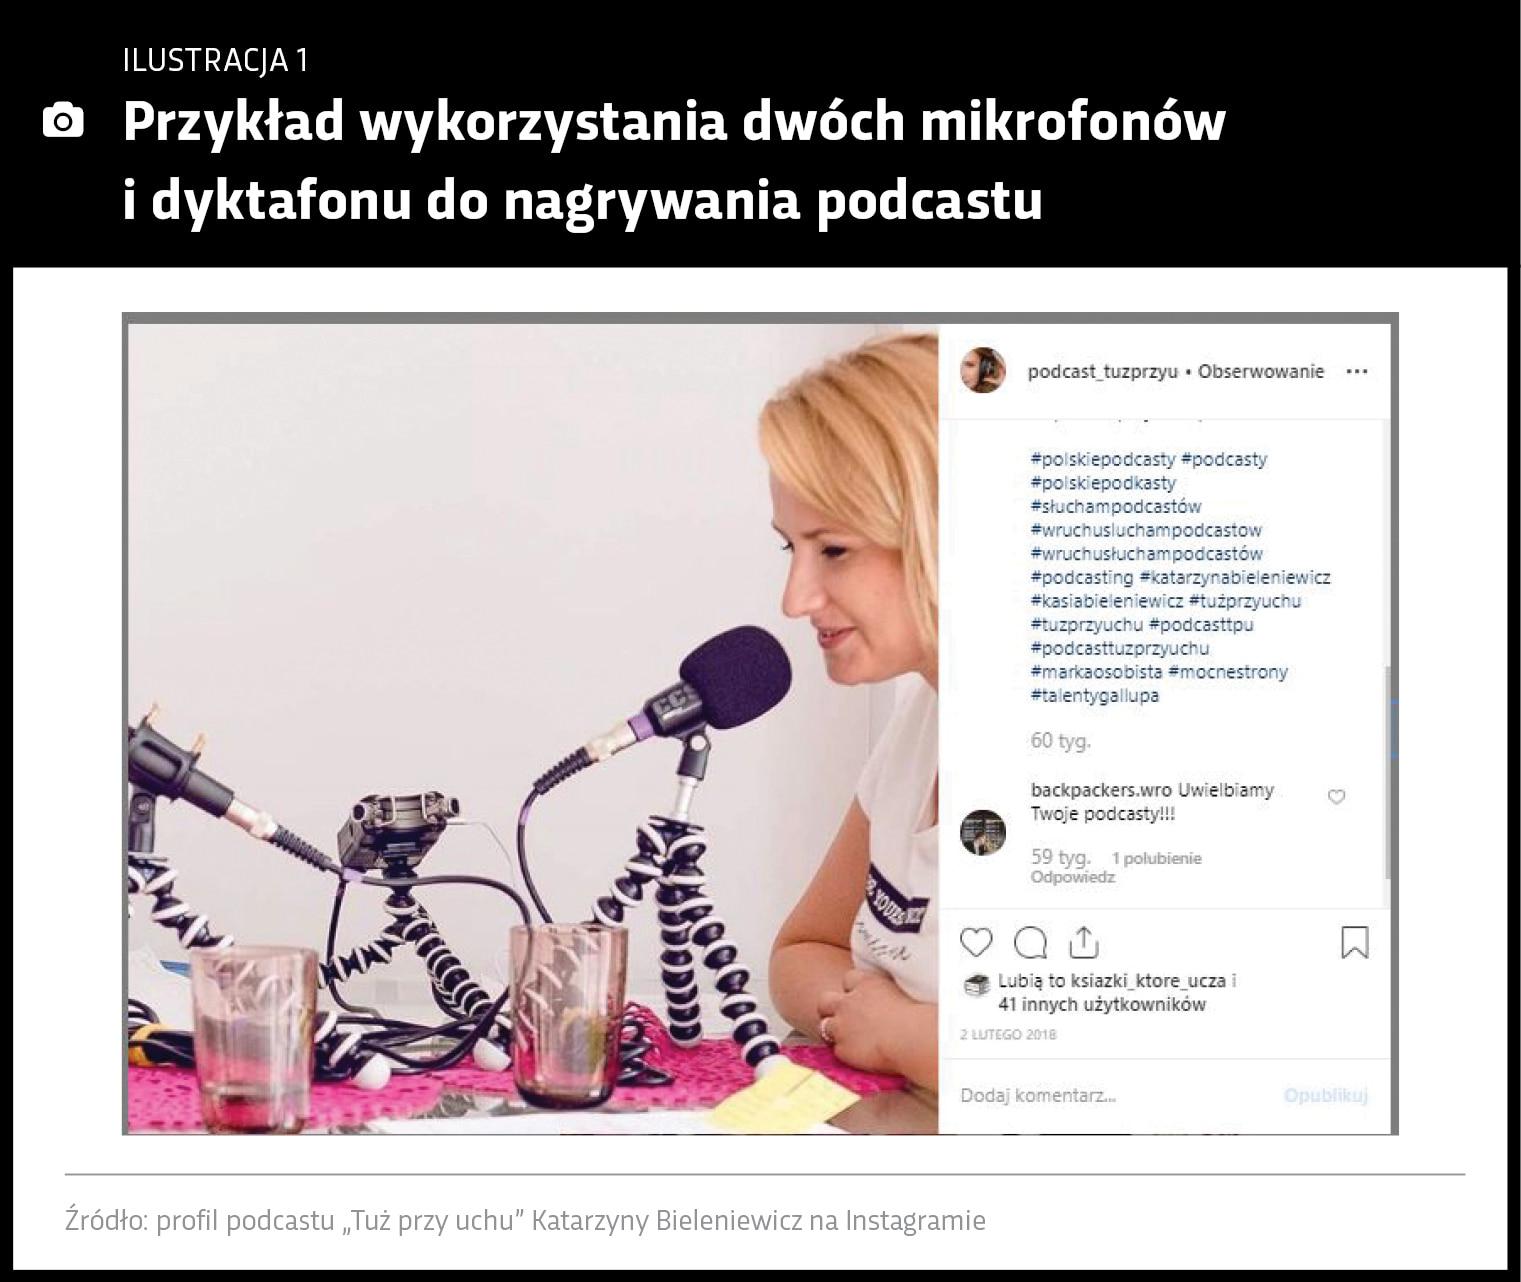 Grafika przedstawia kobietę nagrywającą podcast, przy mikrofonie przy biurku na którym leżą stojaki z dyktafonem i drugim mikrofonem.